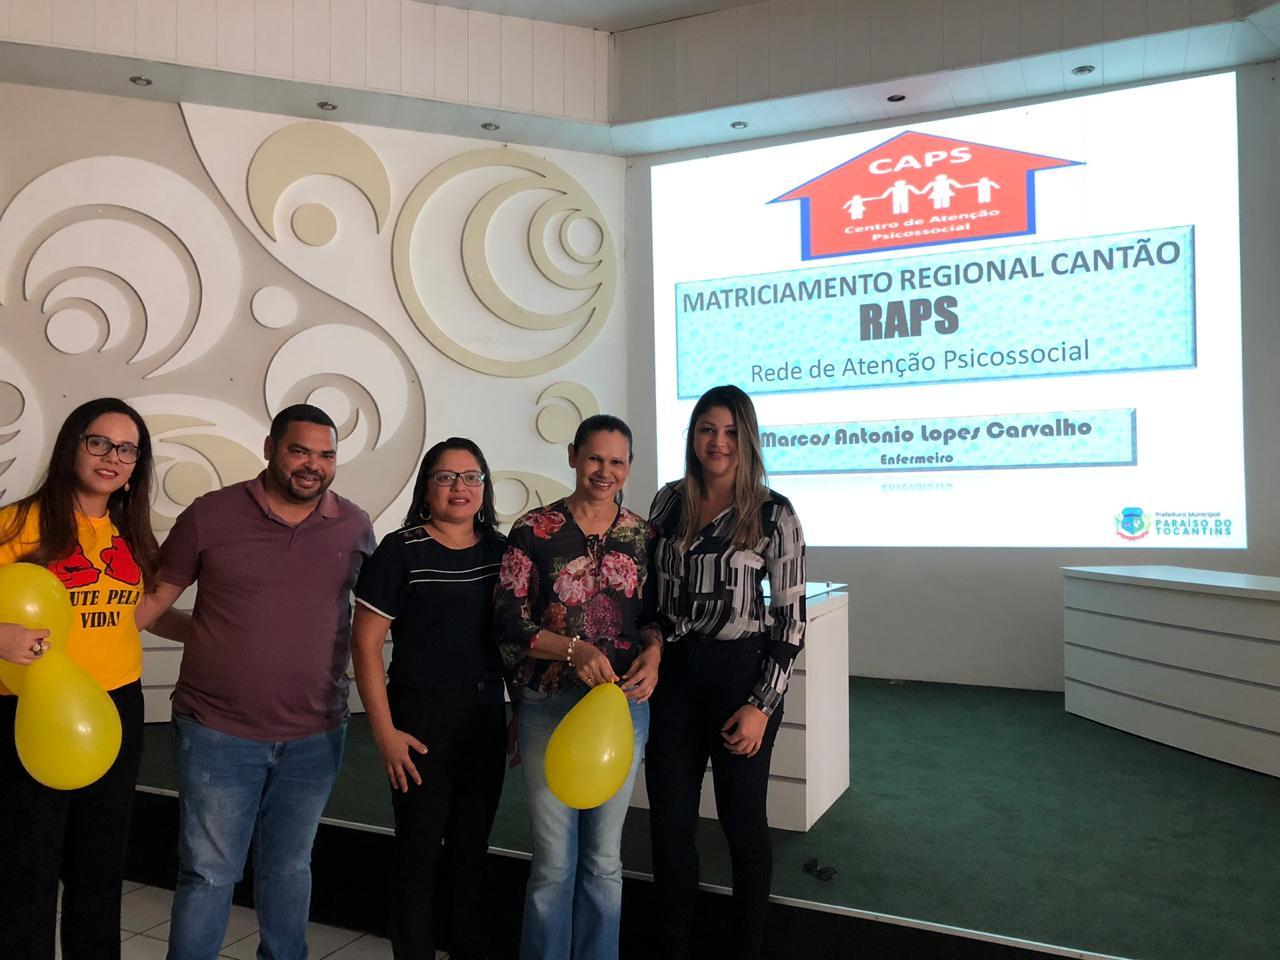 SEMUS e CAPS promovem evento em alusão ao Setembro Amarelo